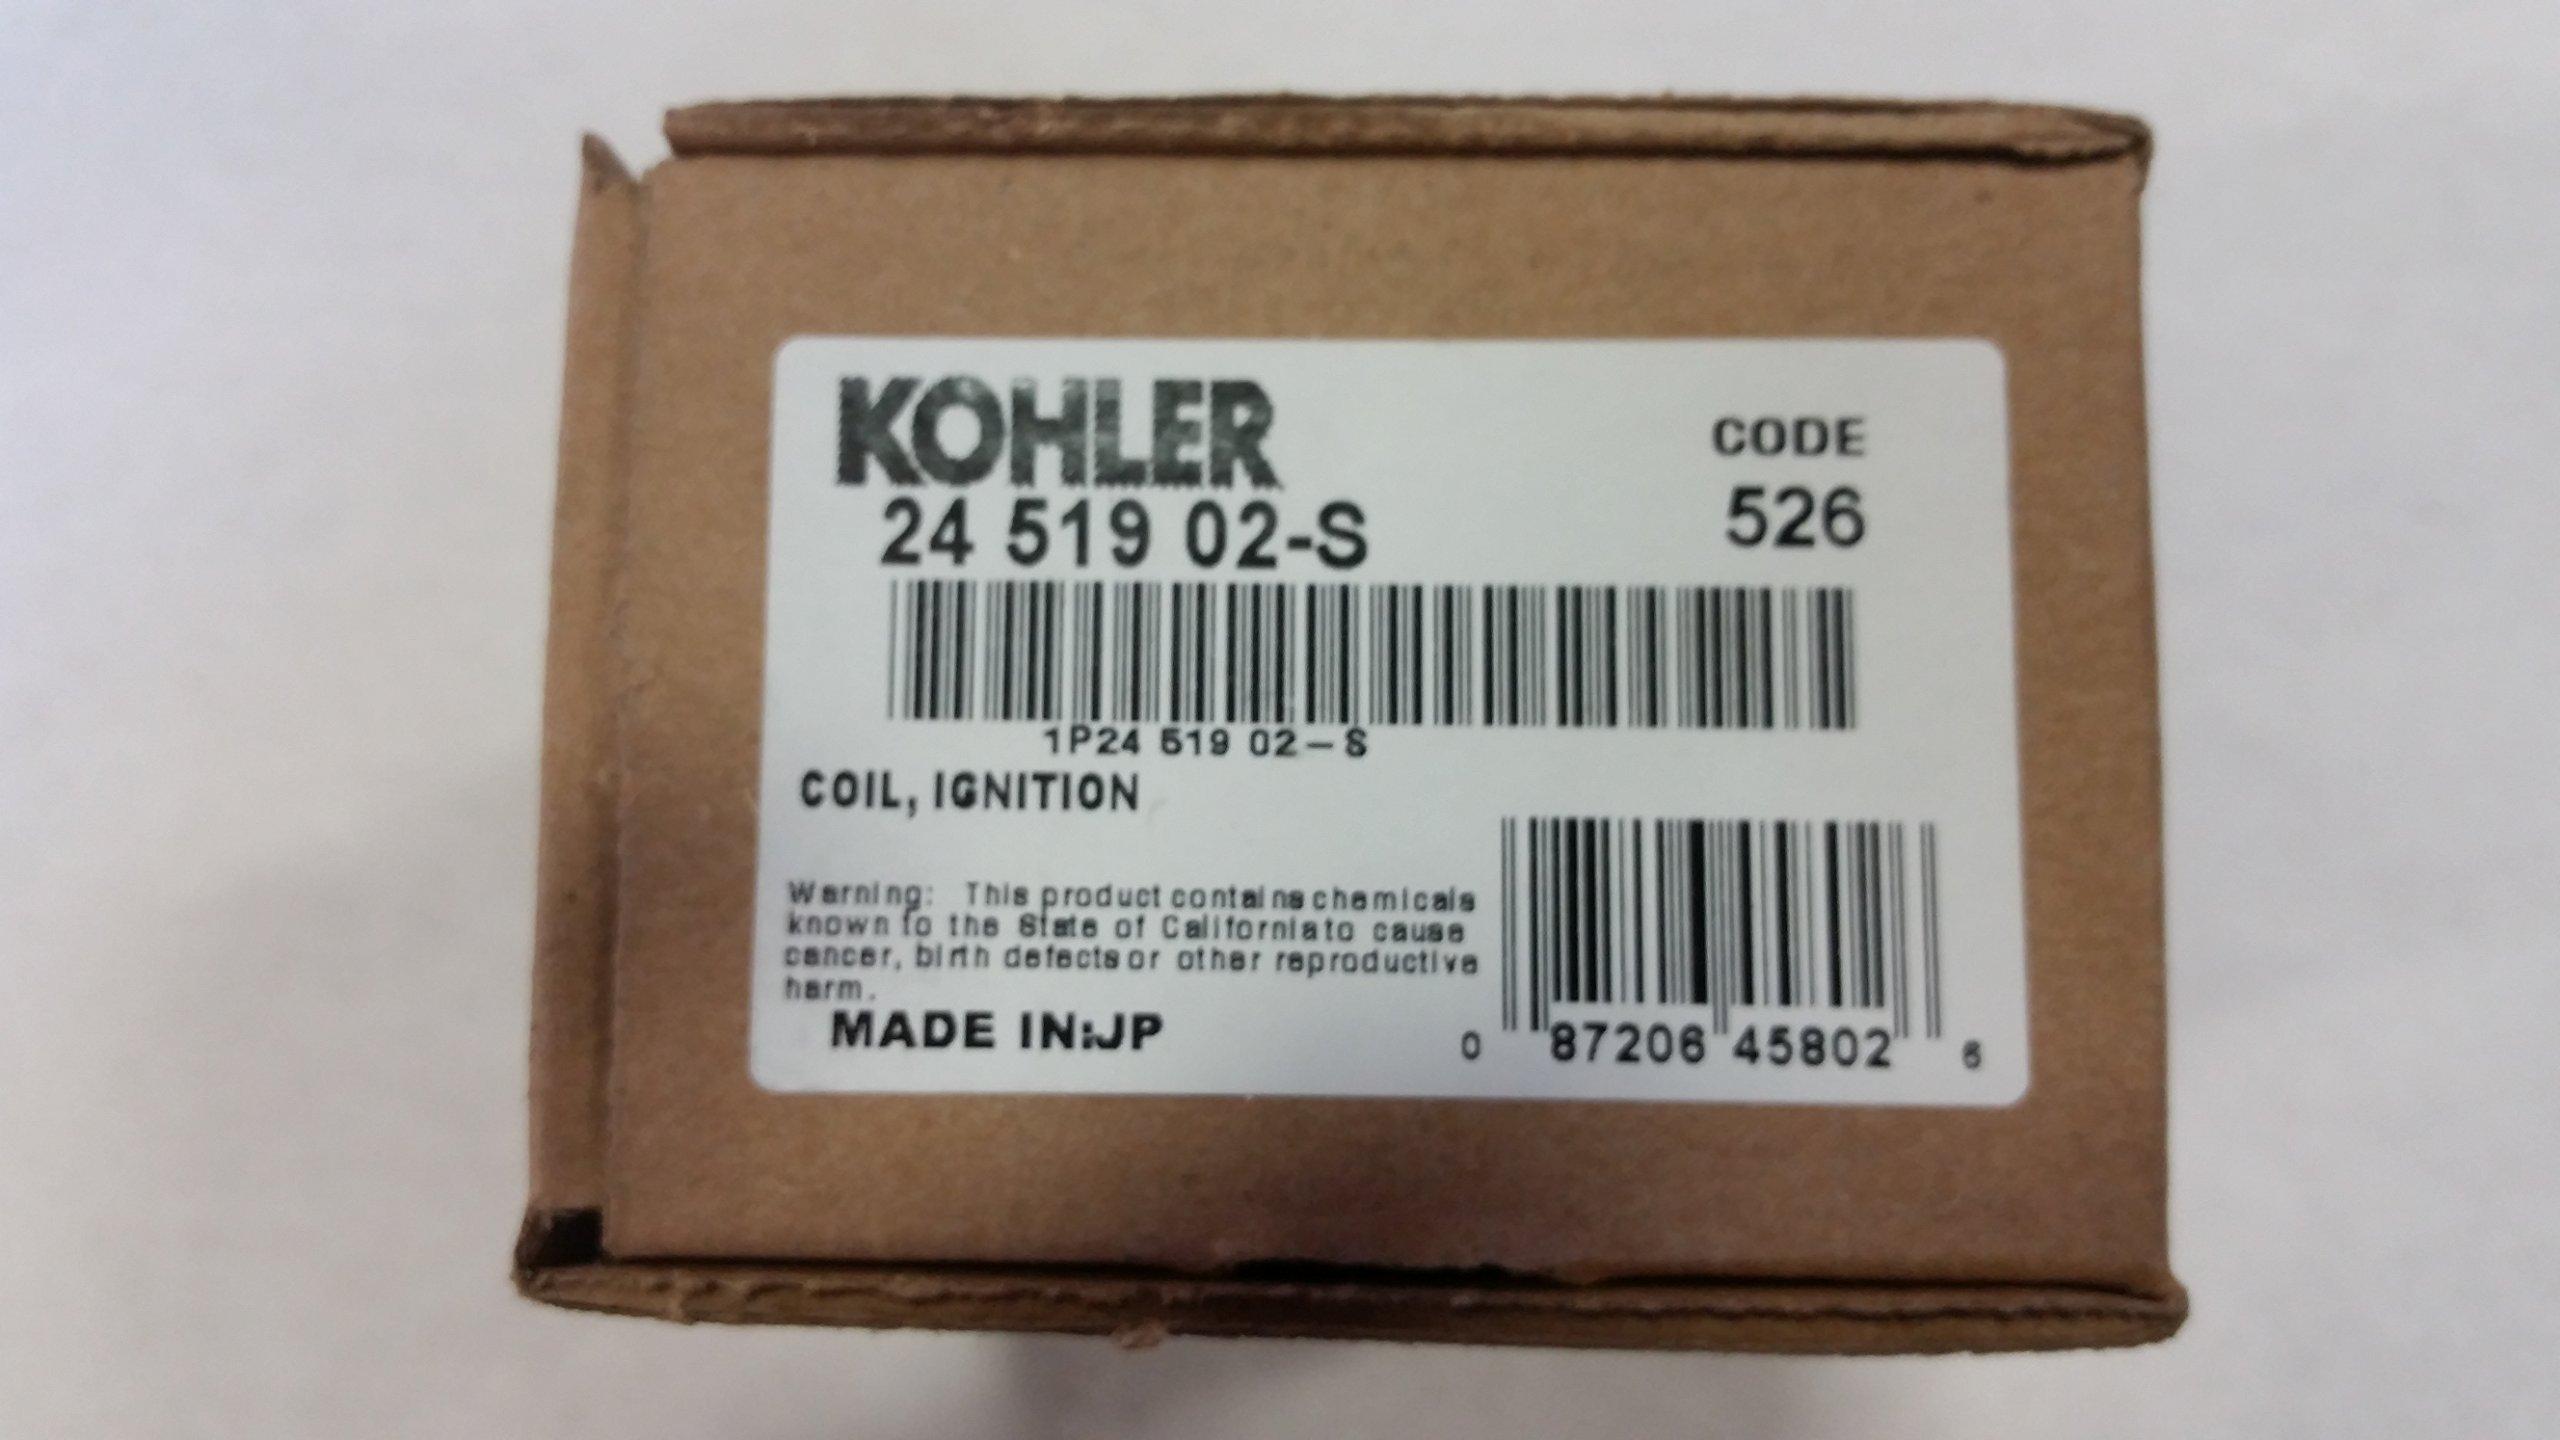 Kohler 24-519-02-S Coil, Ignition